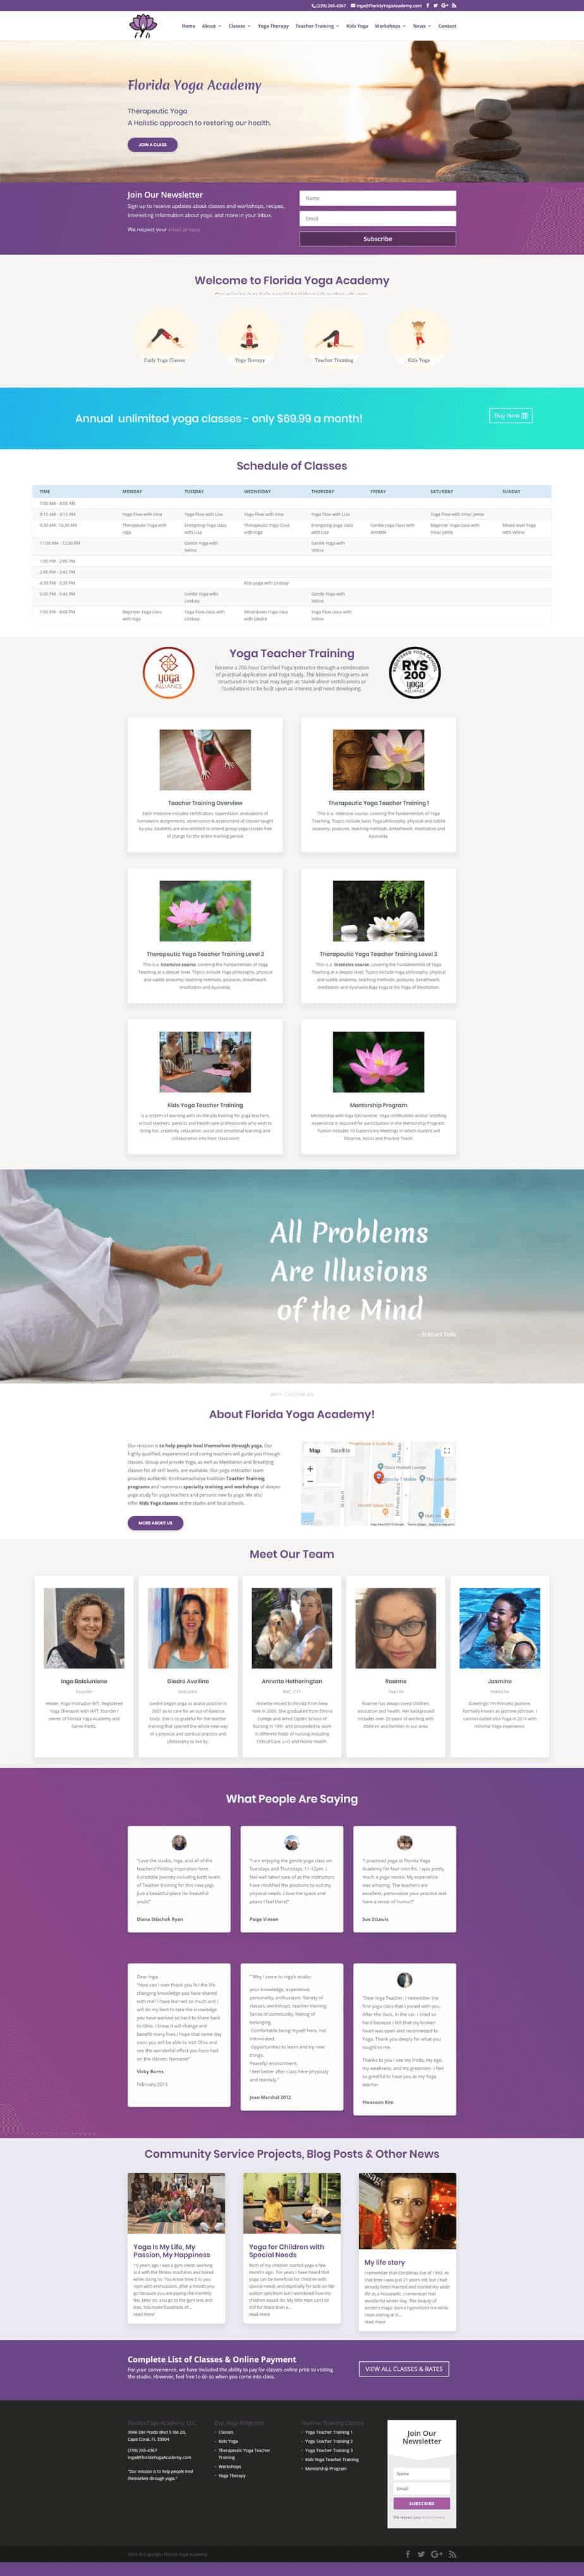 yoga-studio-home-page